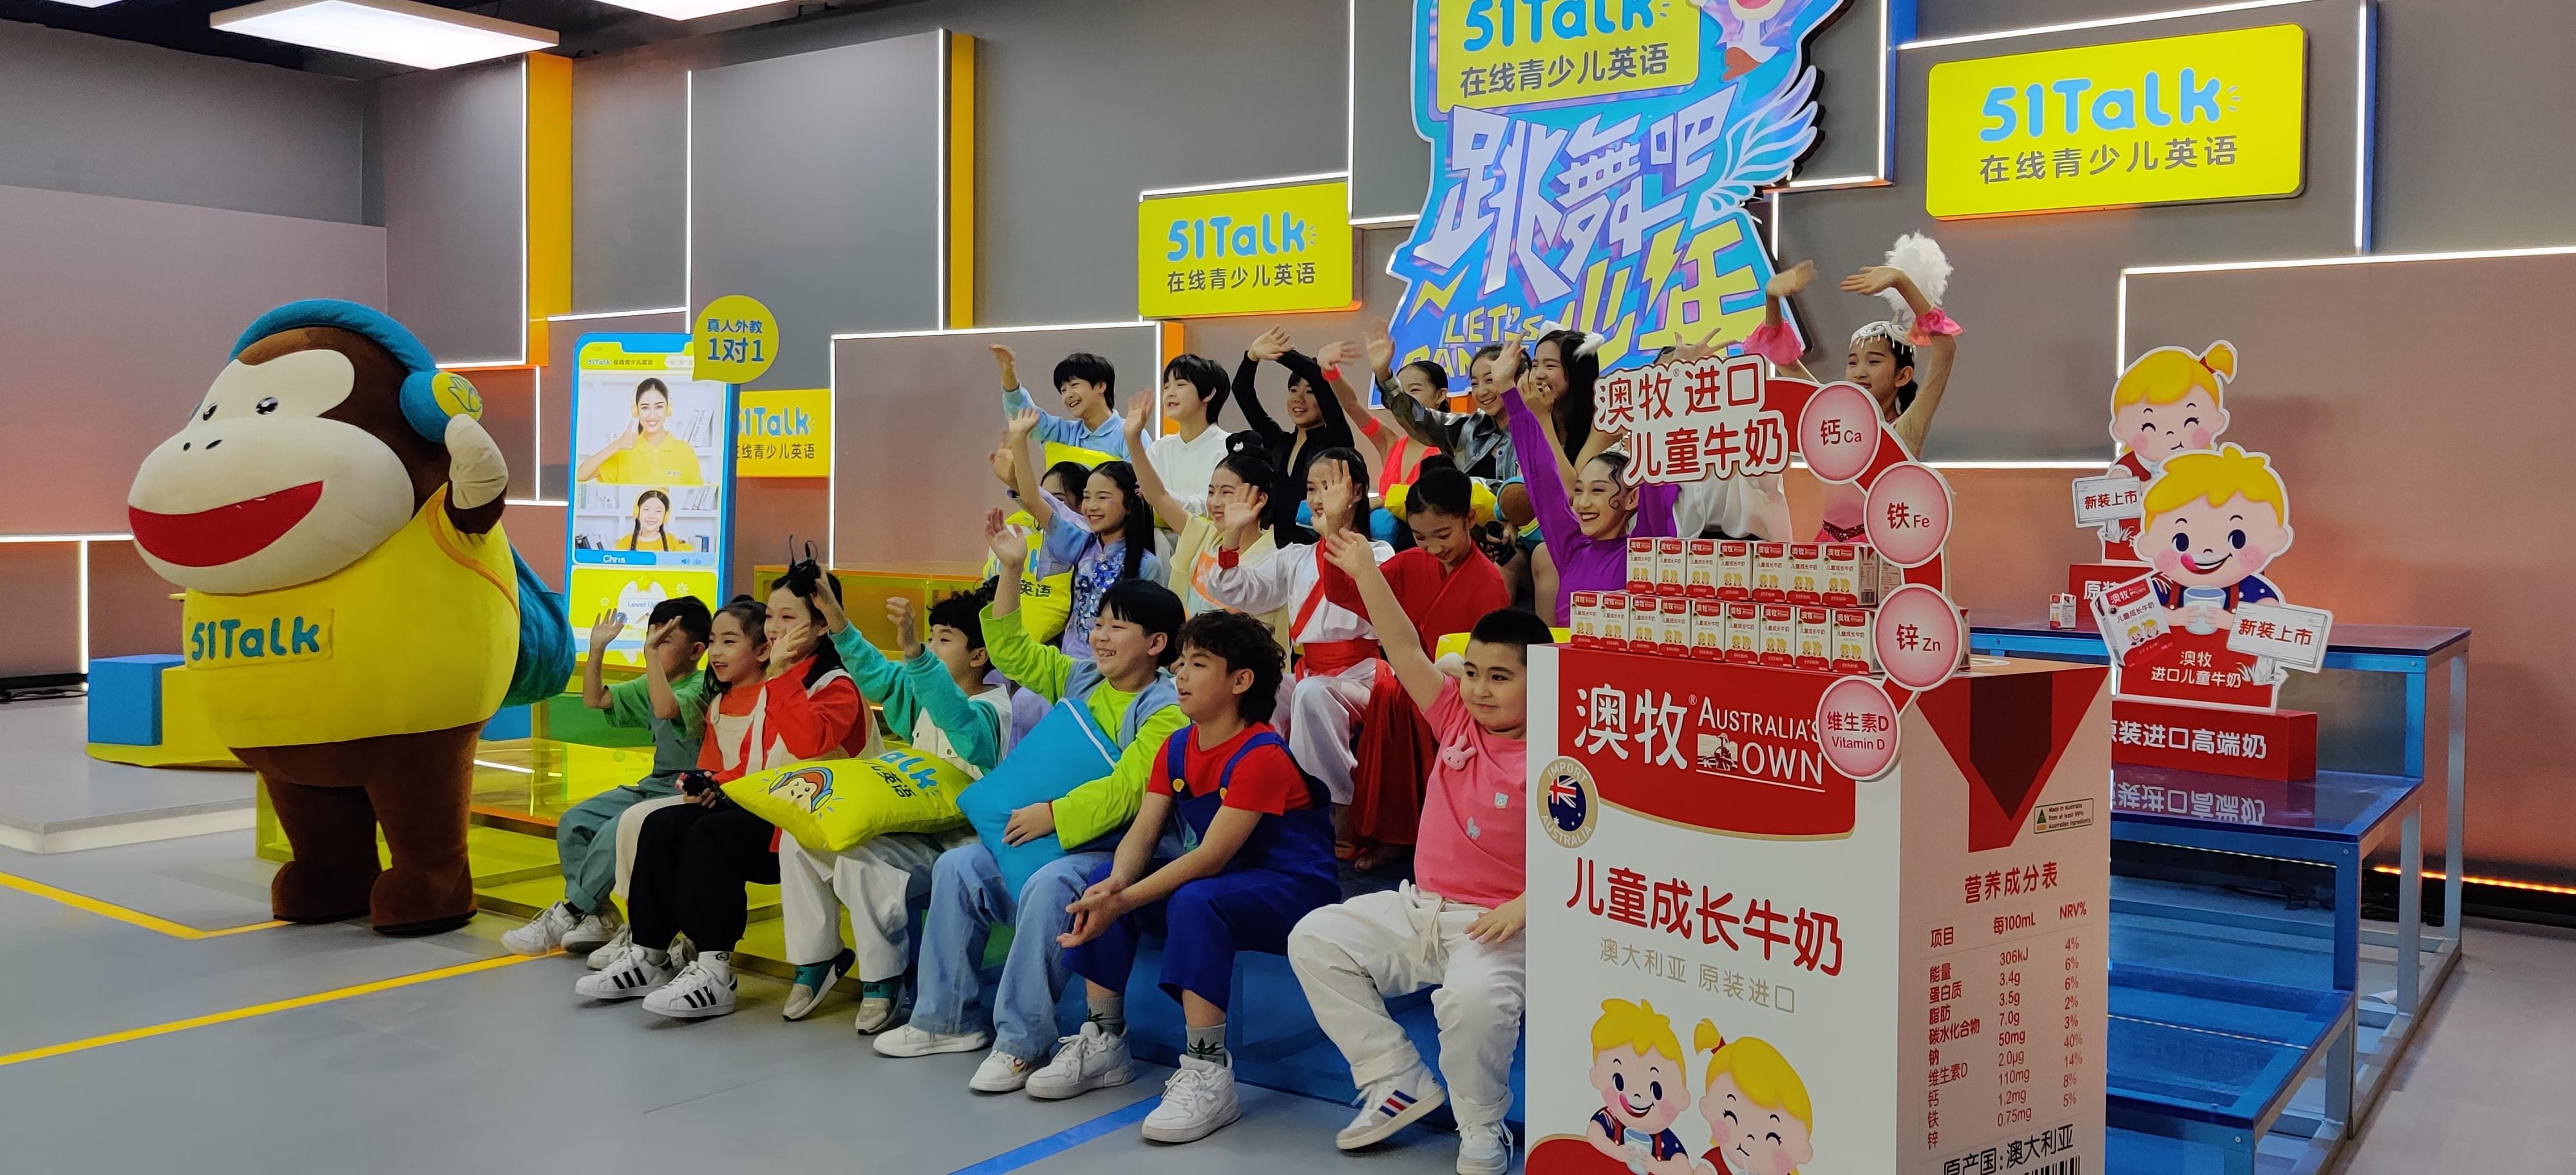 金鹰卡通《跳舞吧!少年》收班战:这群爱跳舞的孩子让老师们拼了